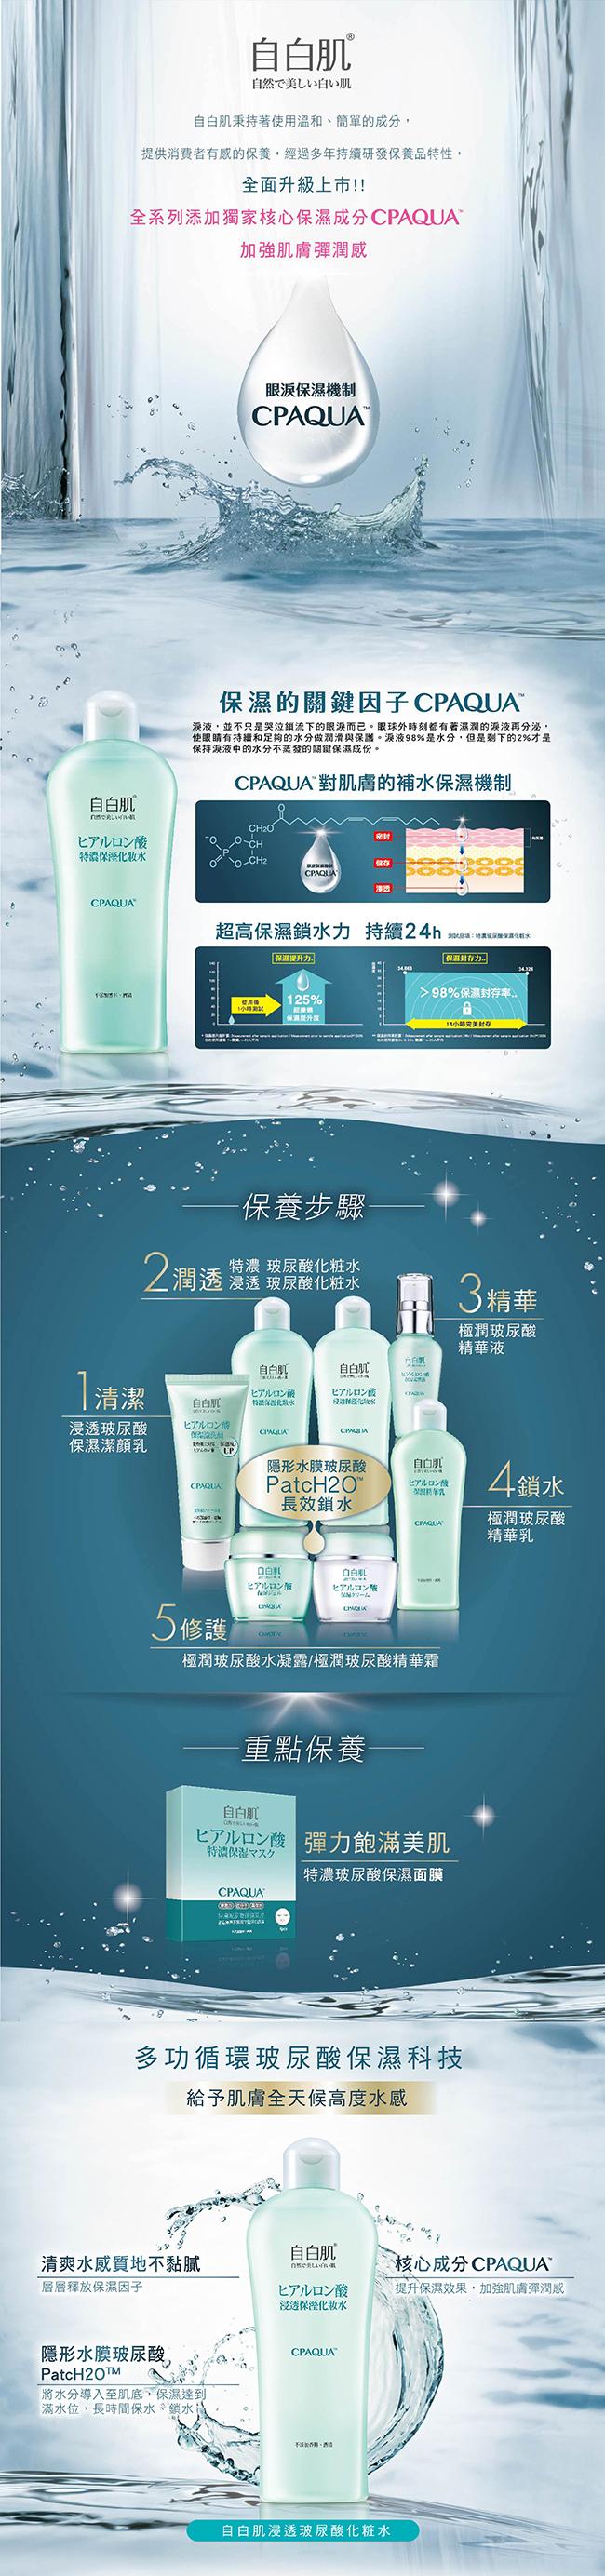 自白肌 化妝水 玻尿酸 化妝水 自白肌 玻尿酸 化妝水